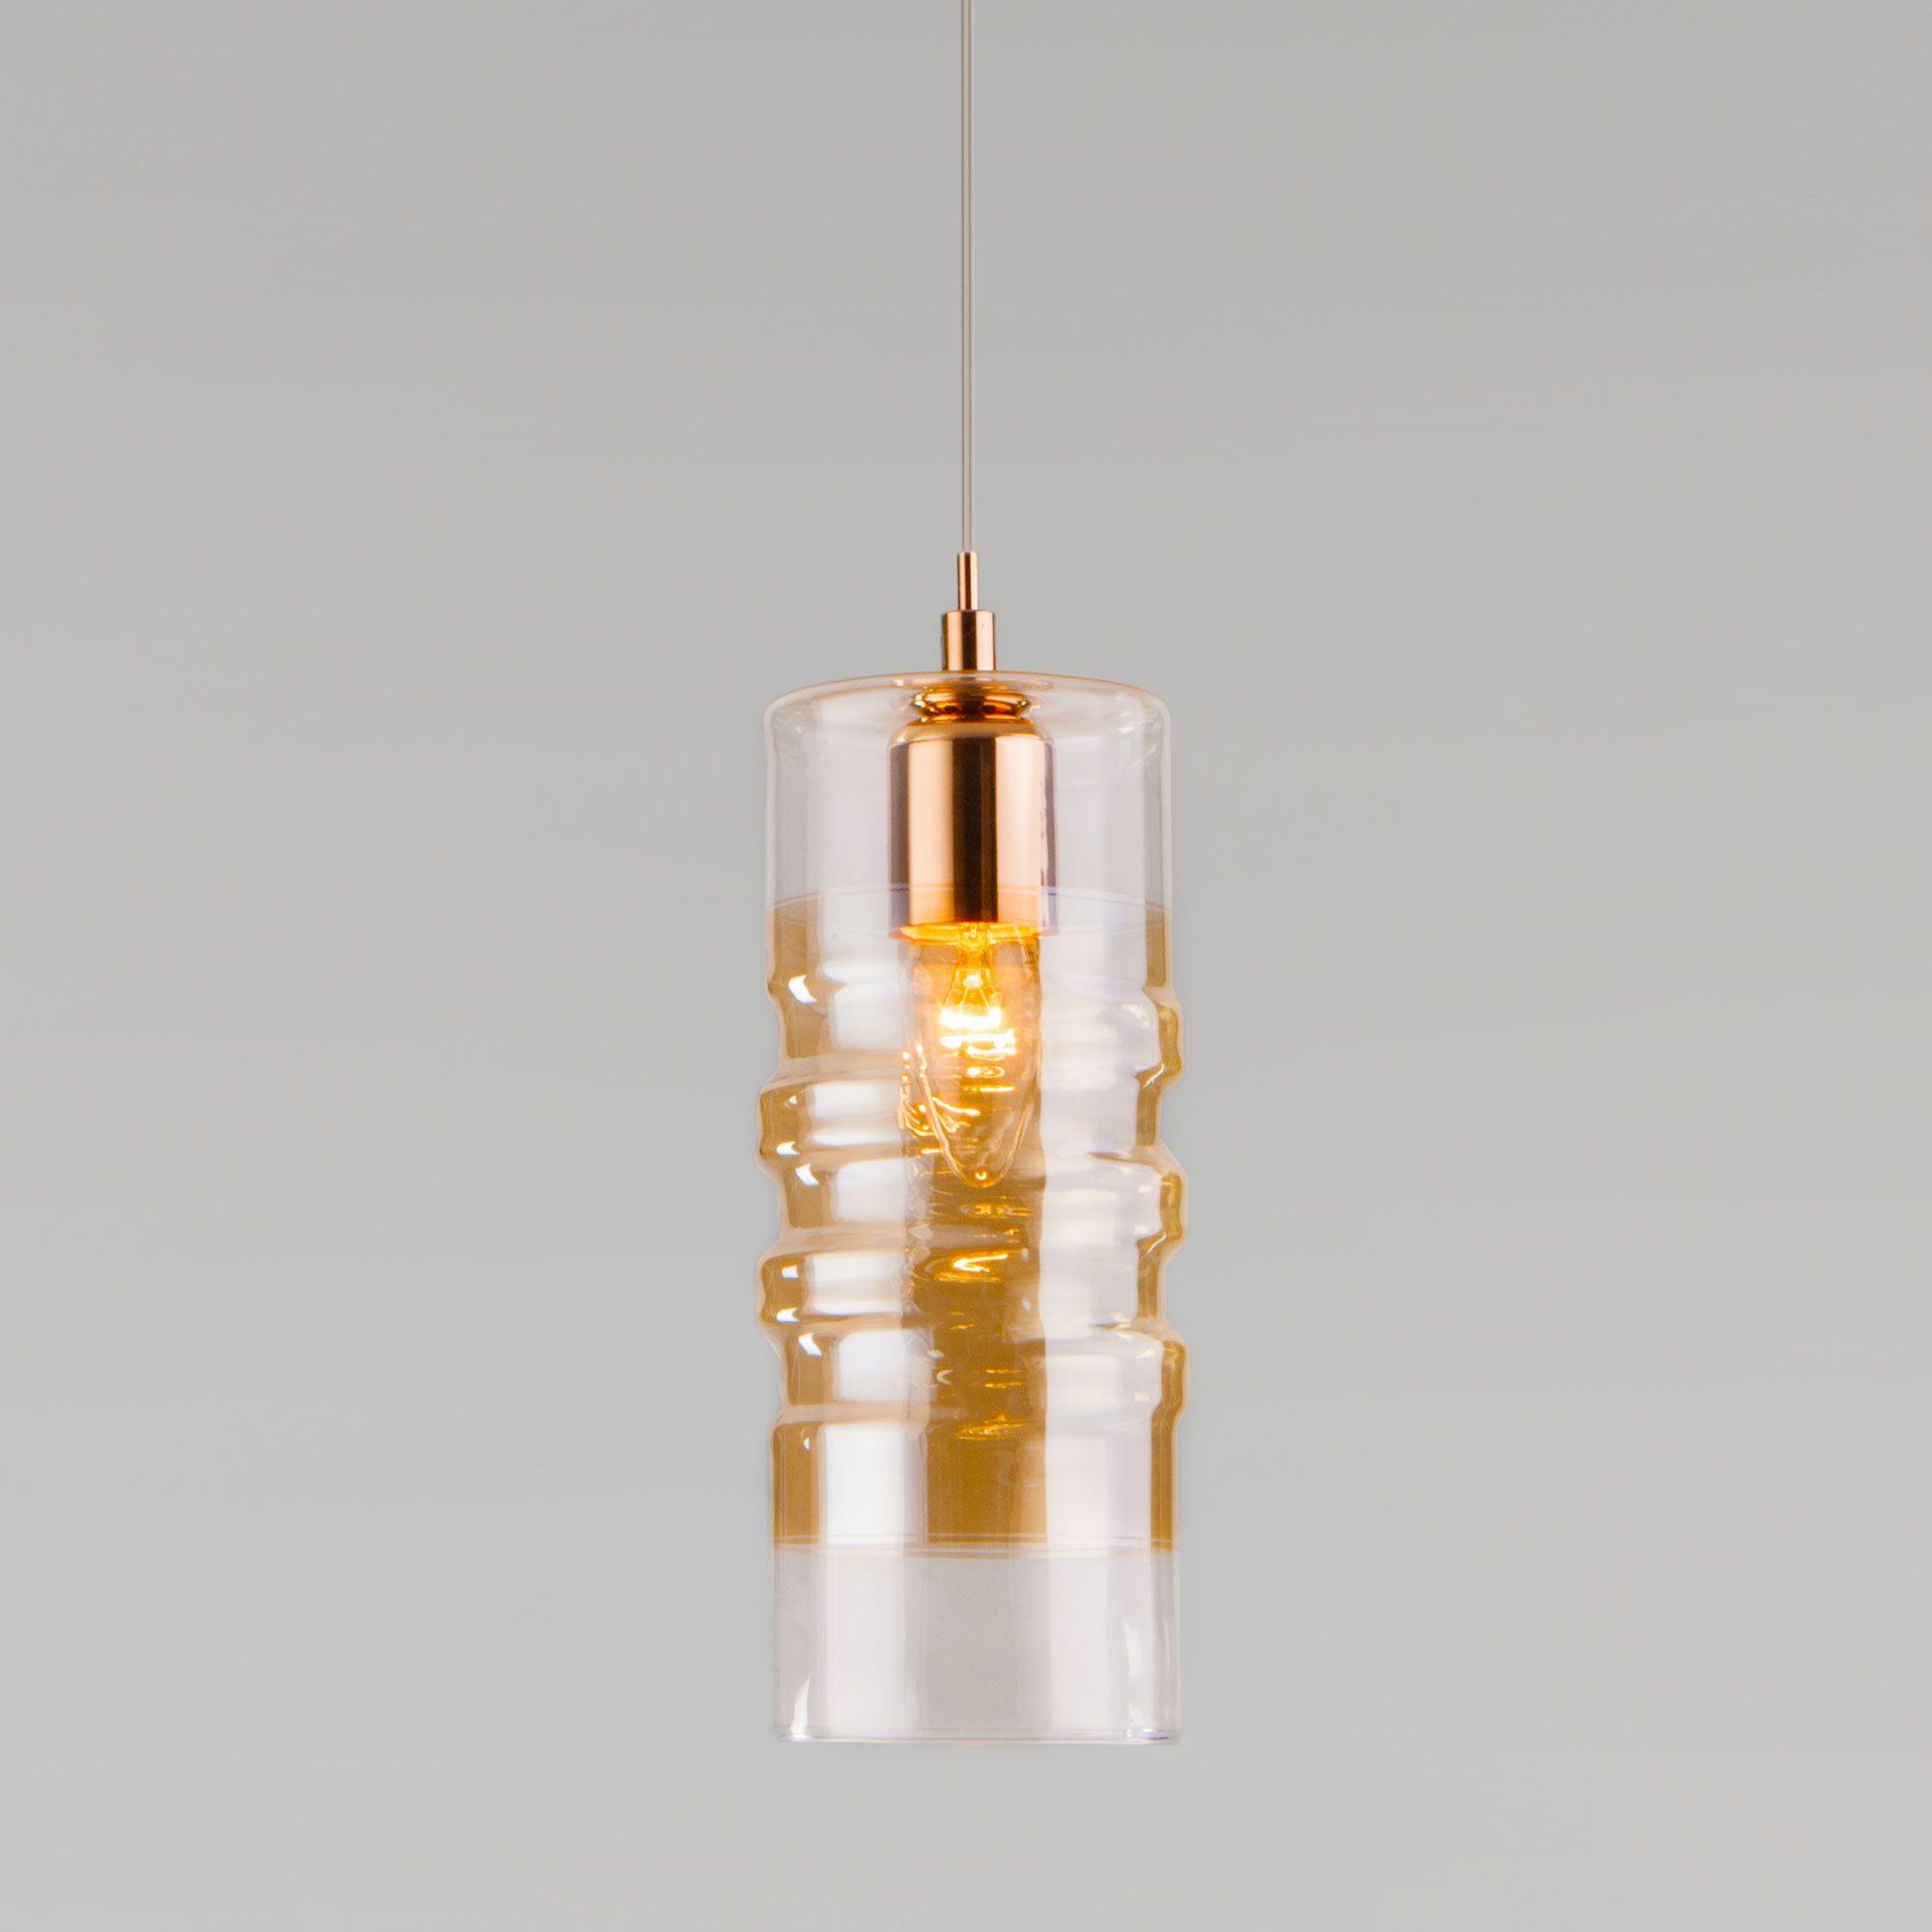 Подвесной светильник со стеклянным плафоном 50185/1 золото